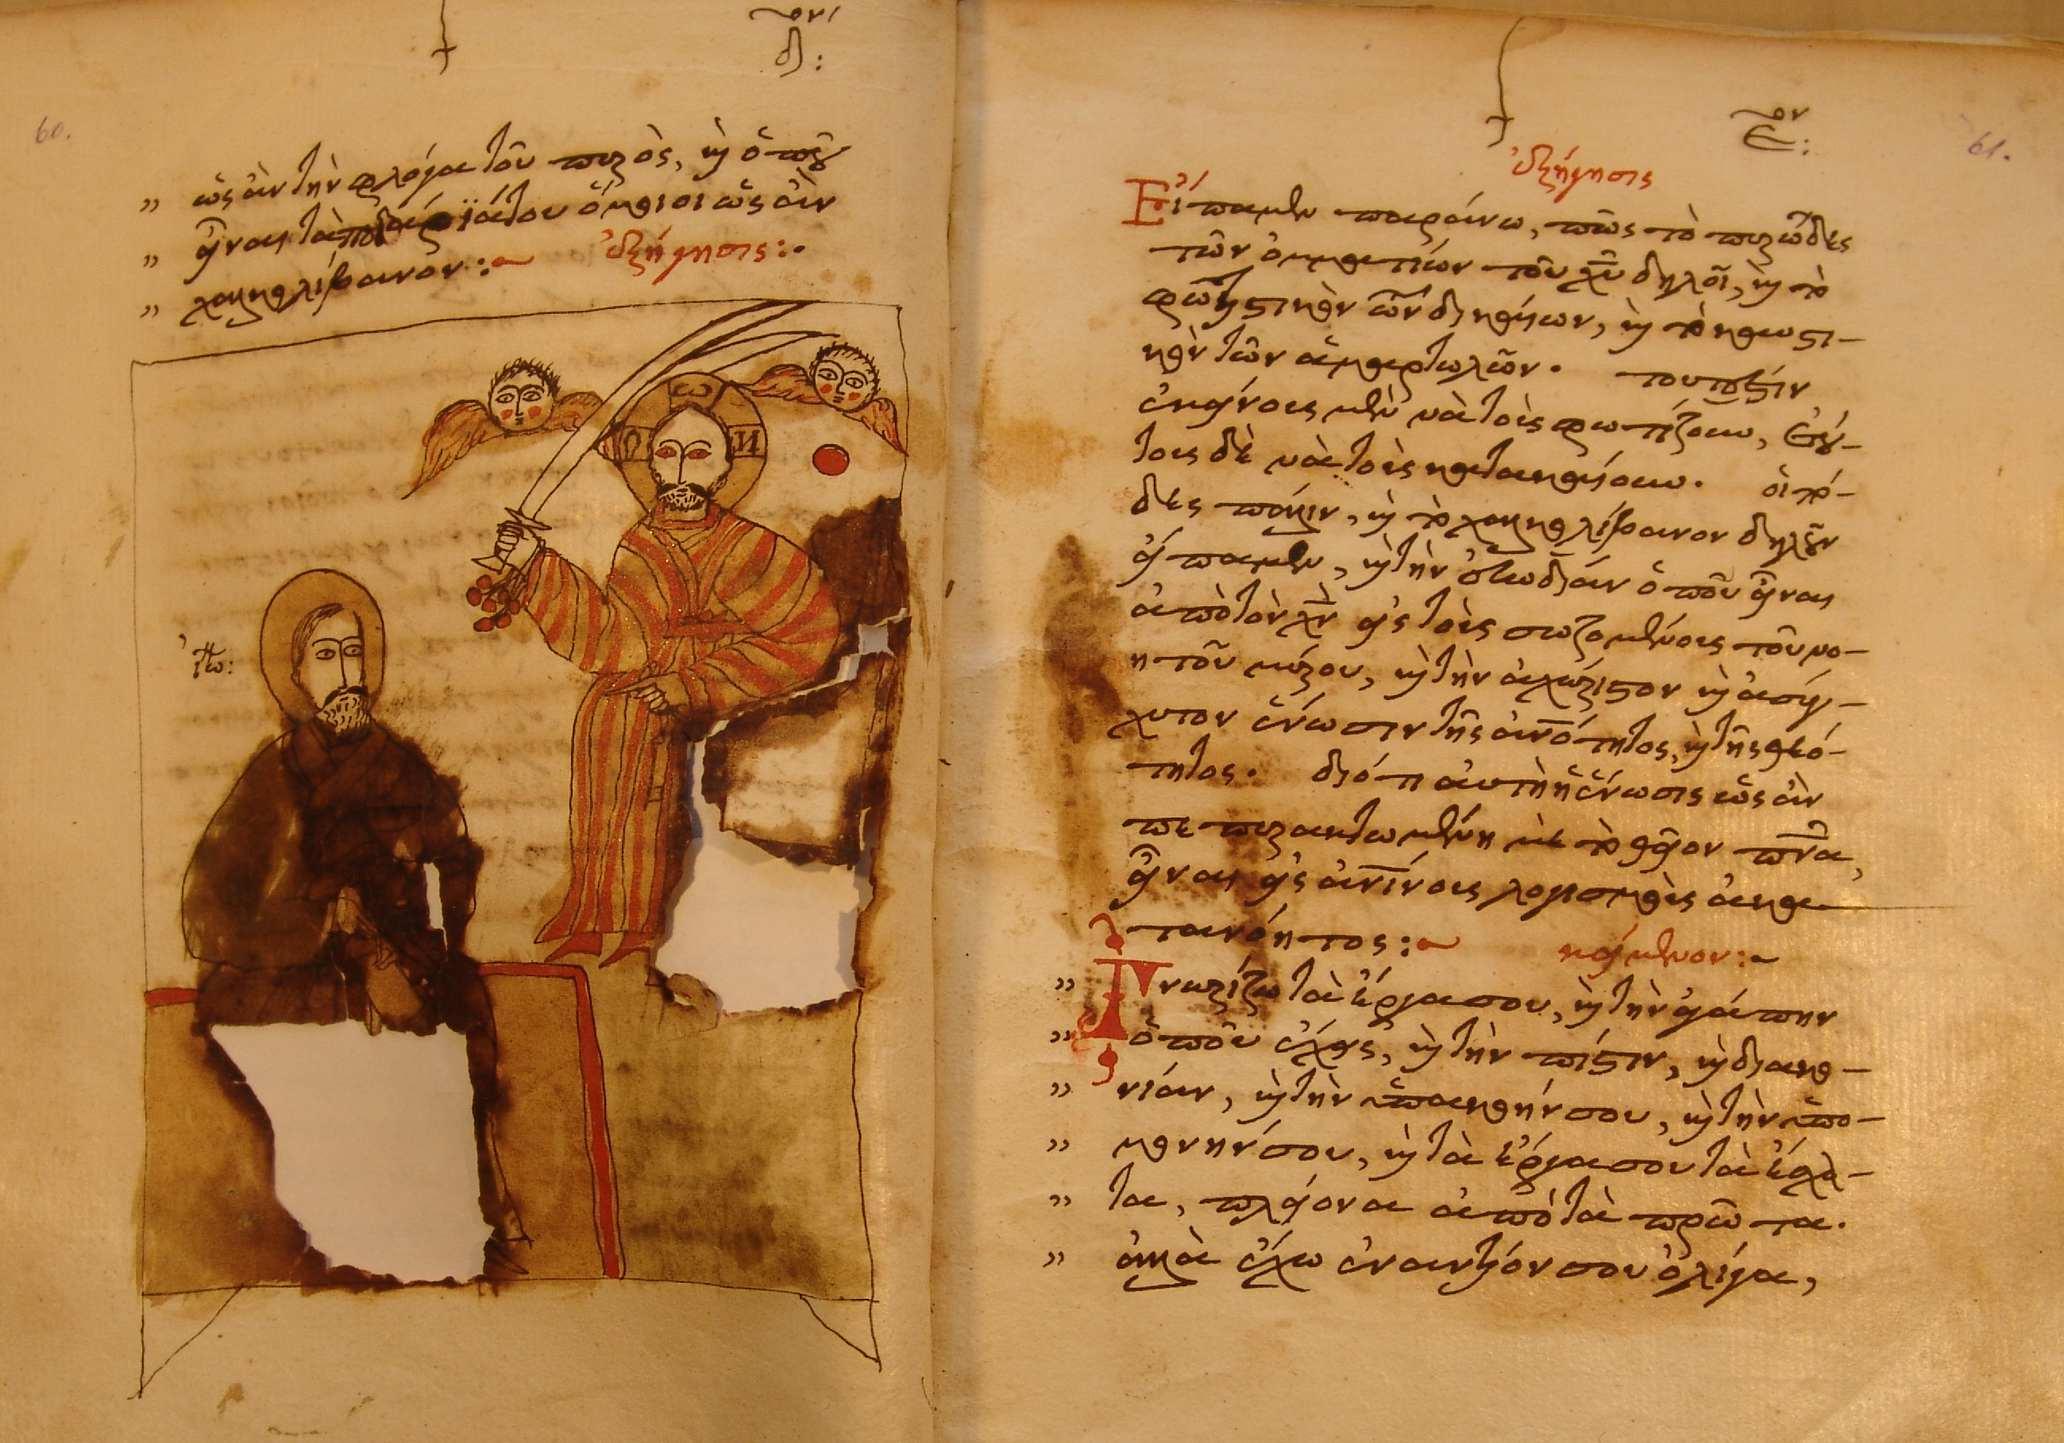 «Πρώτη Γλώσσα και Πολυγλωσσία: Εκπαιδευτικές και Κοινωνικοπολιτισμικές Προσεγγίσεις»